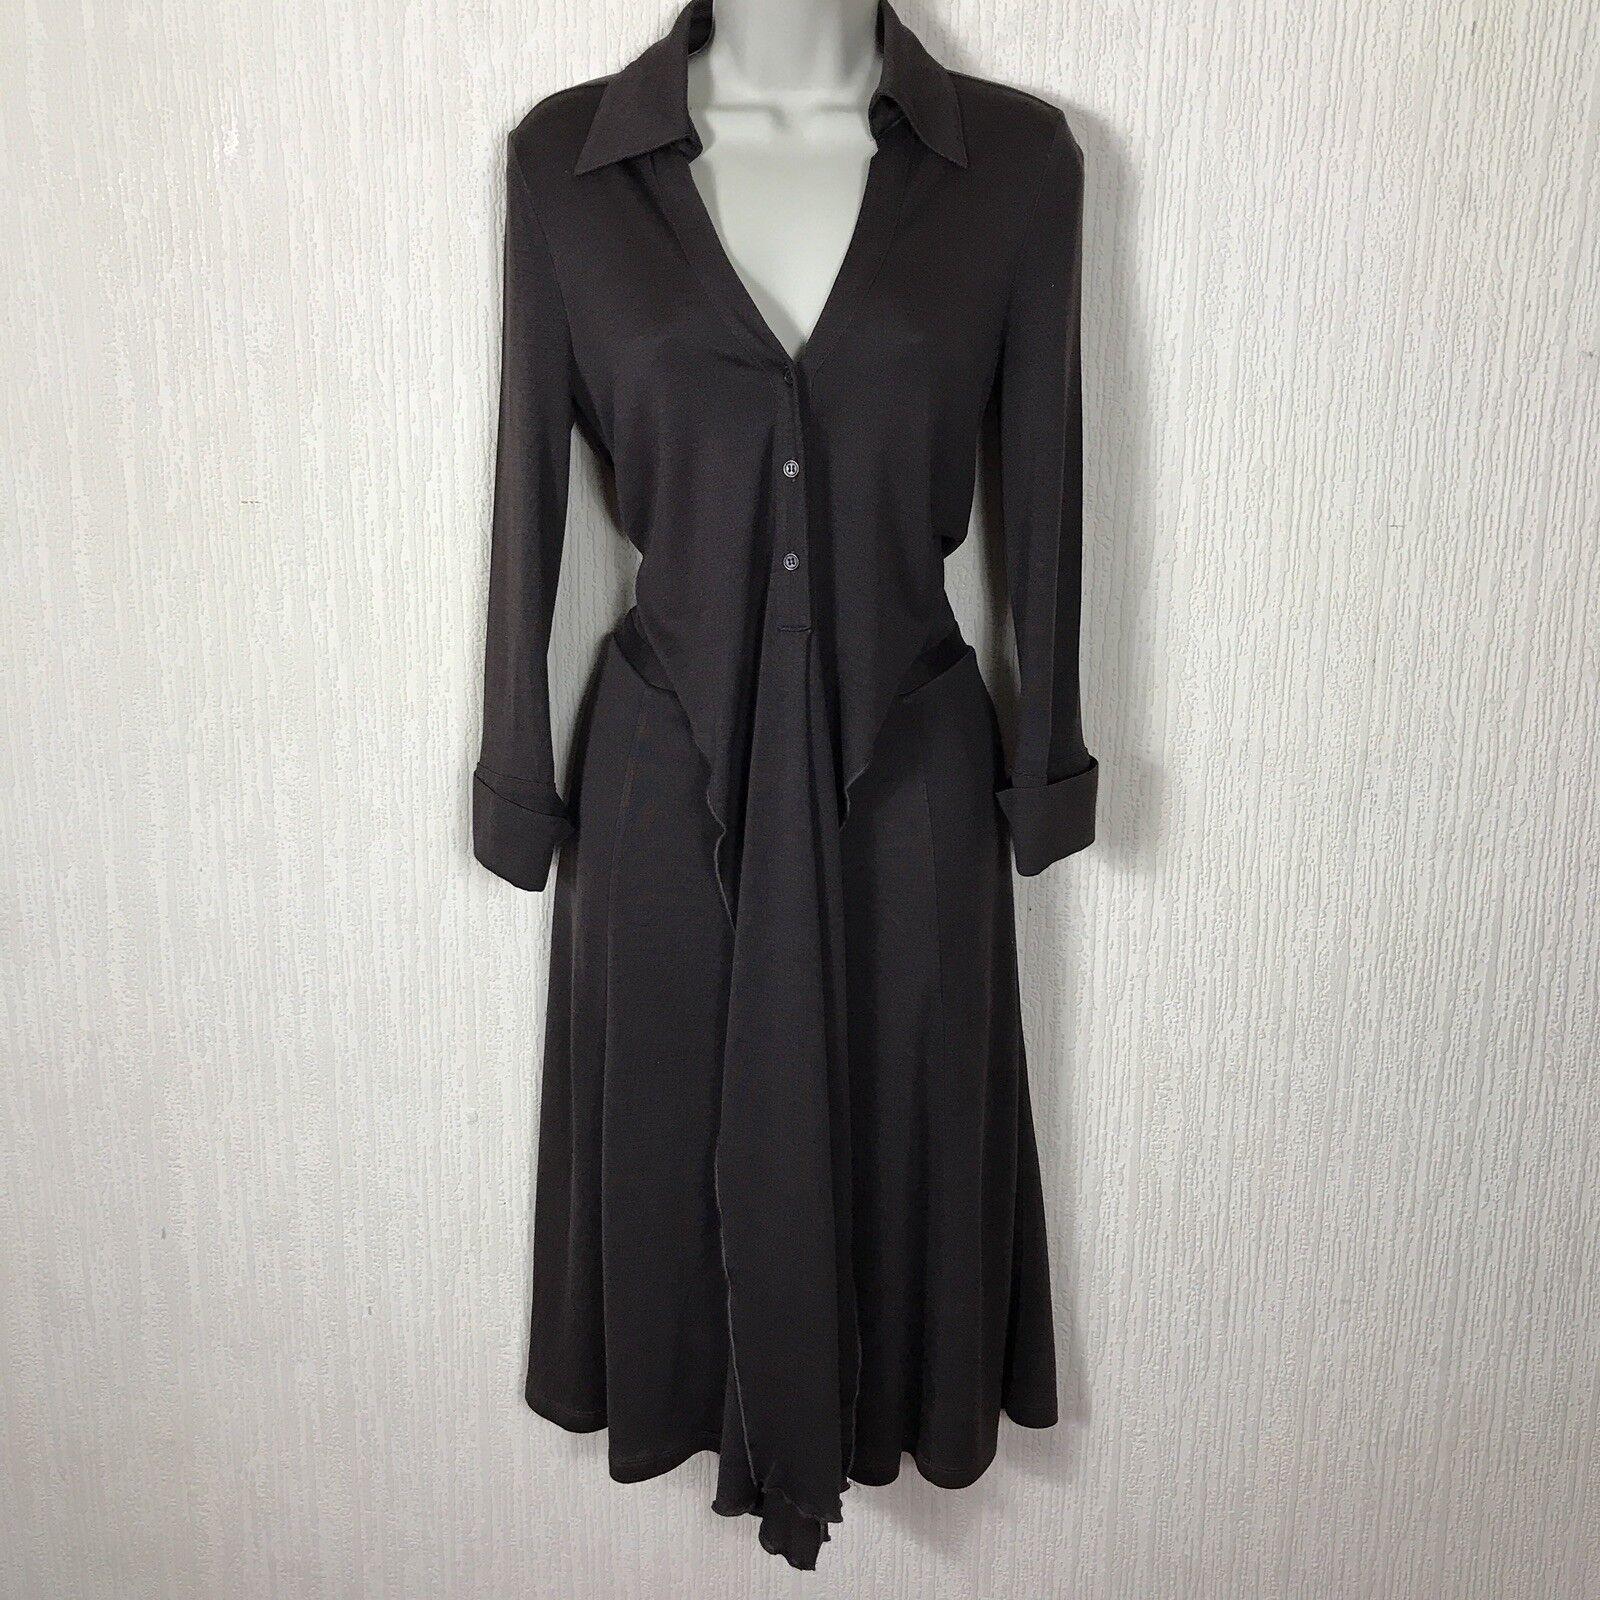 DIANE von FURSTENBERG ELI Dress Größe 8 UK Button Shirt Style Fit&Flare